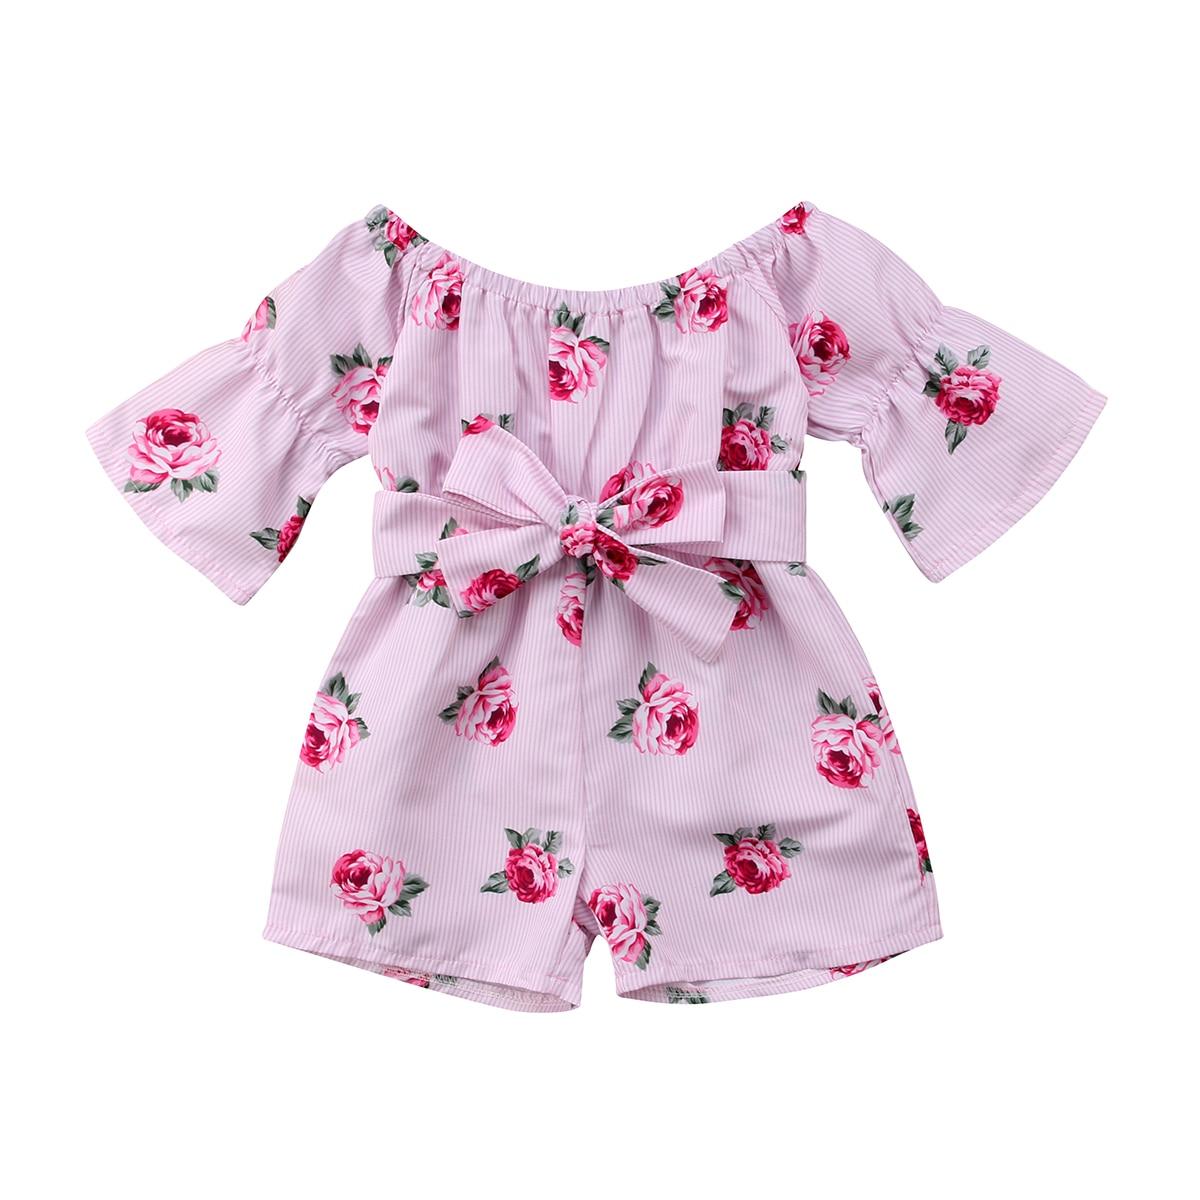 Bebé niño niña mameluco bebé niño chica hombro flare manga suelta arco mono snsuit ropa de verano